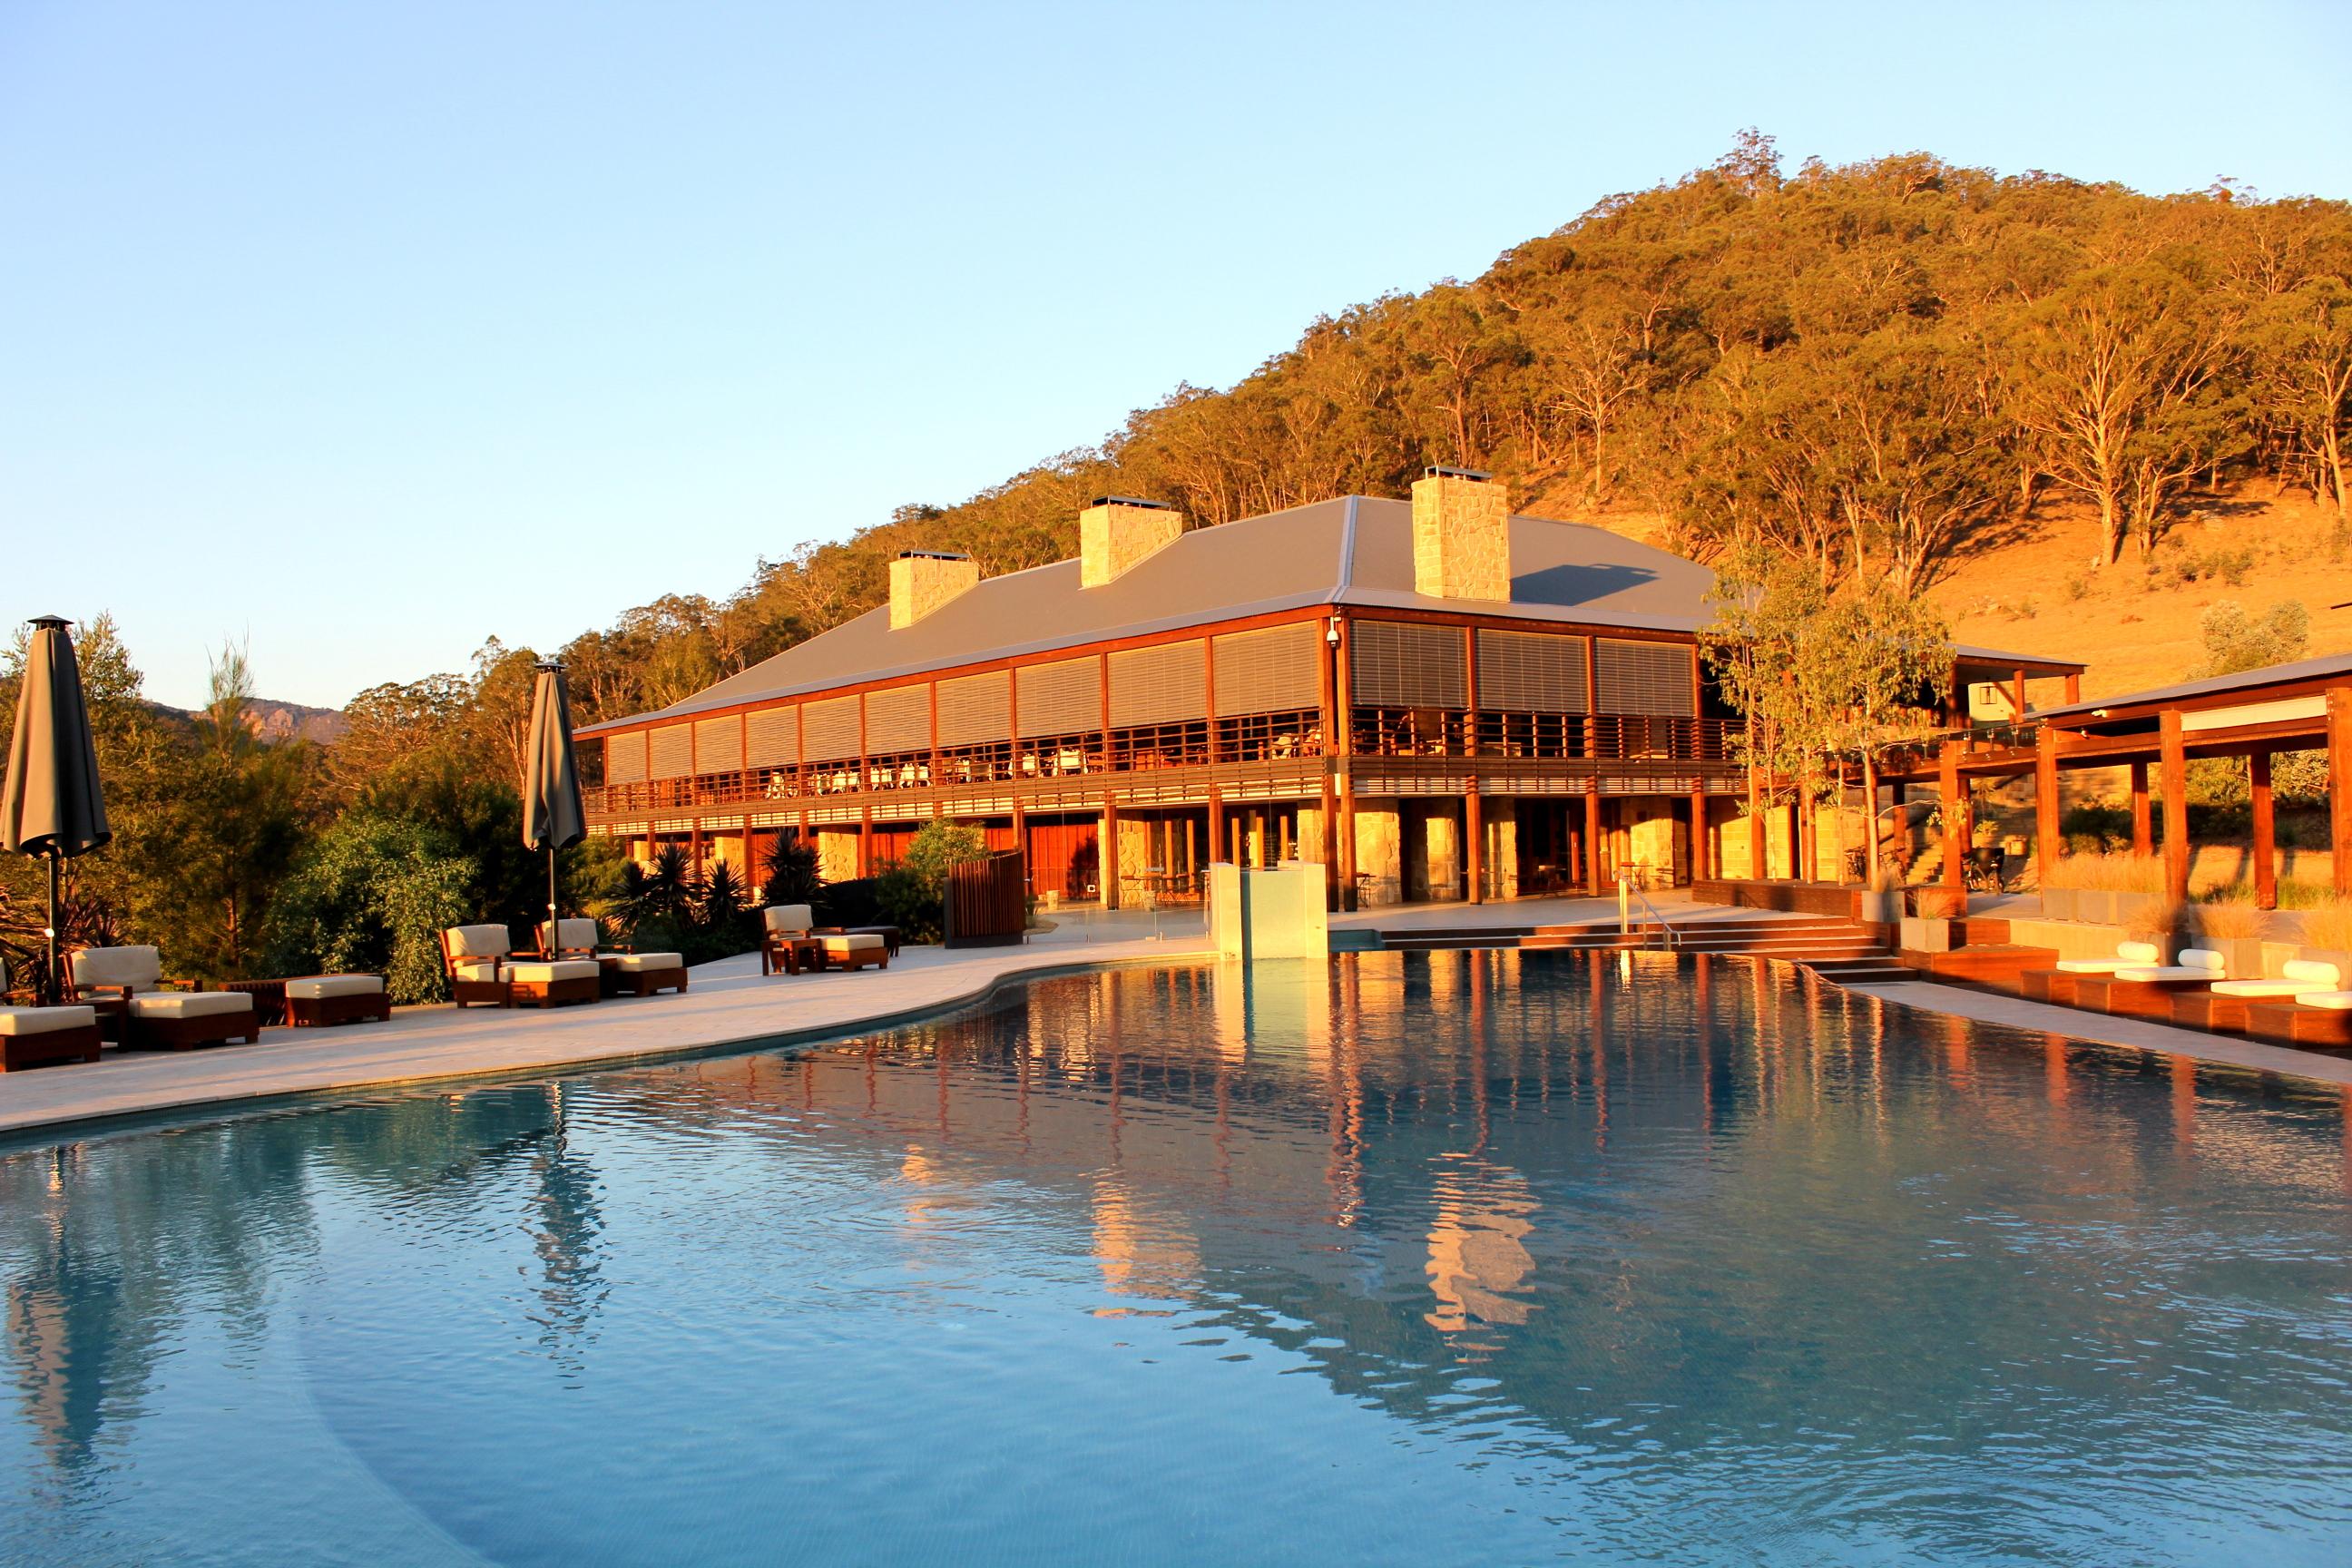 One&Only Wolgan Valley: Best Resort in Australia? Part 1